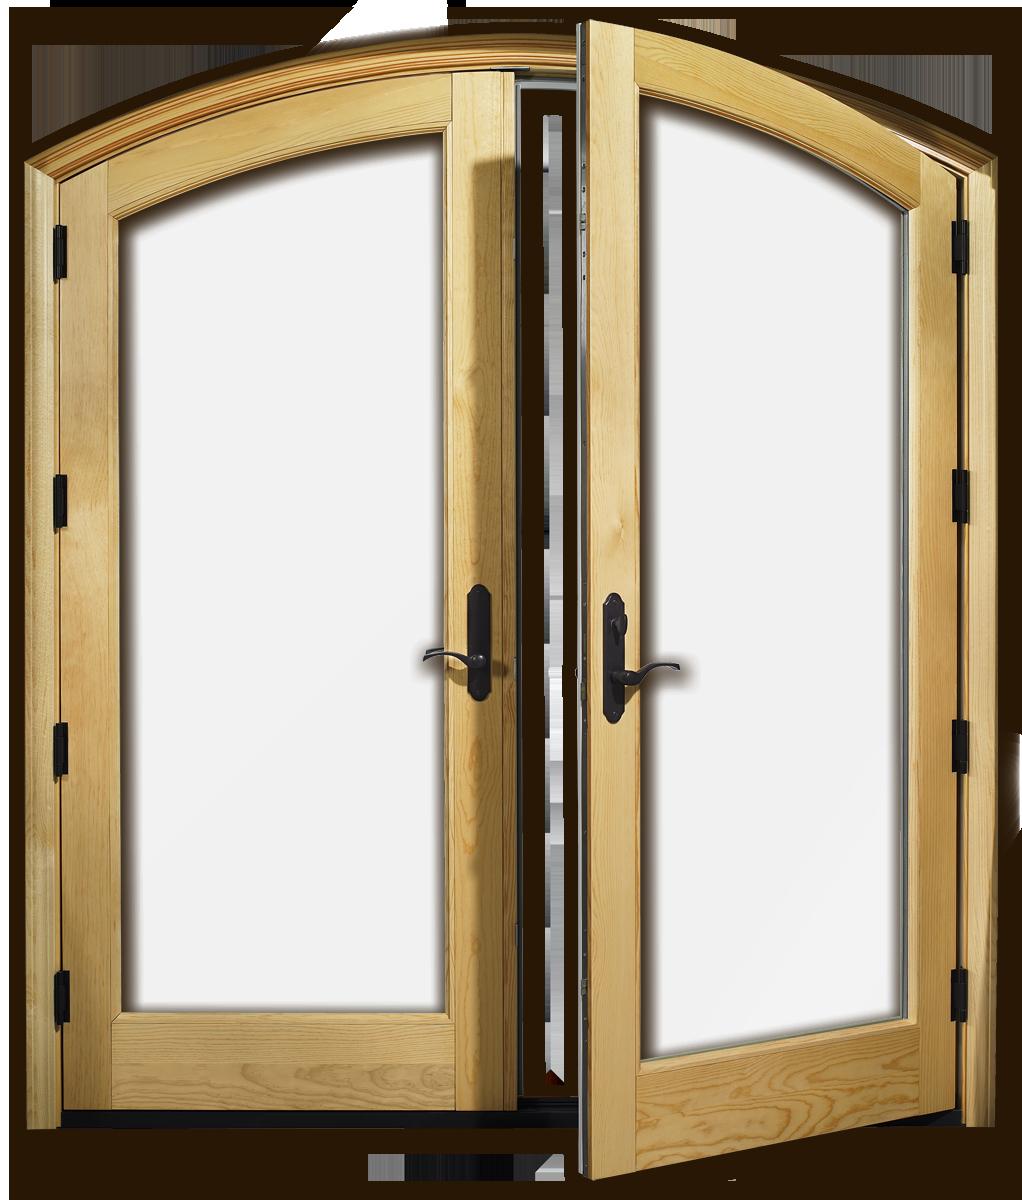 Simple open inspiration of. Clipart door double door